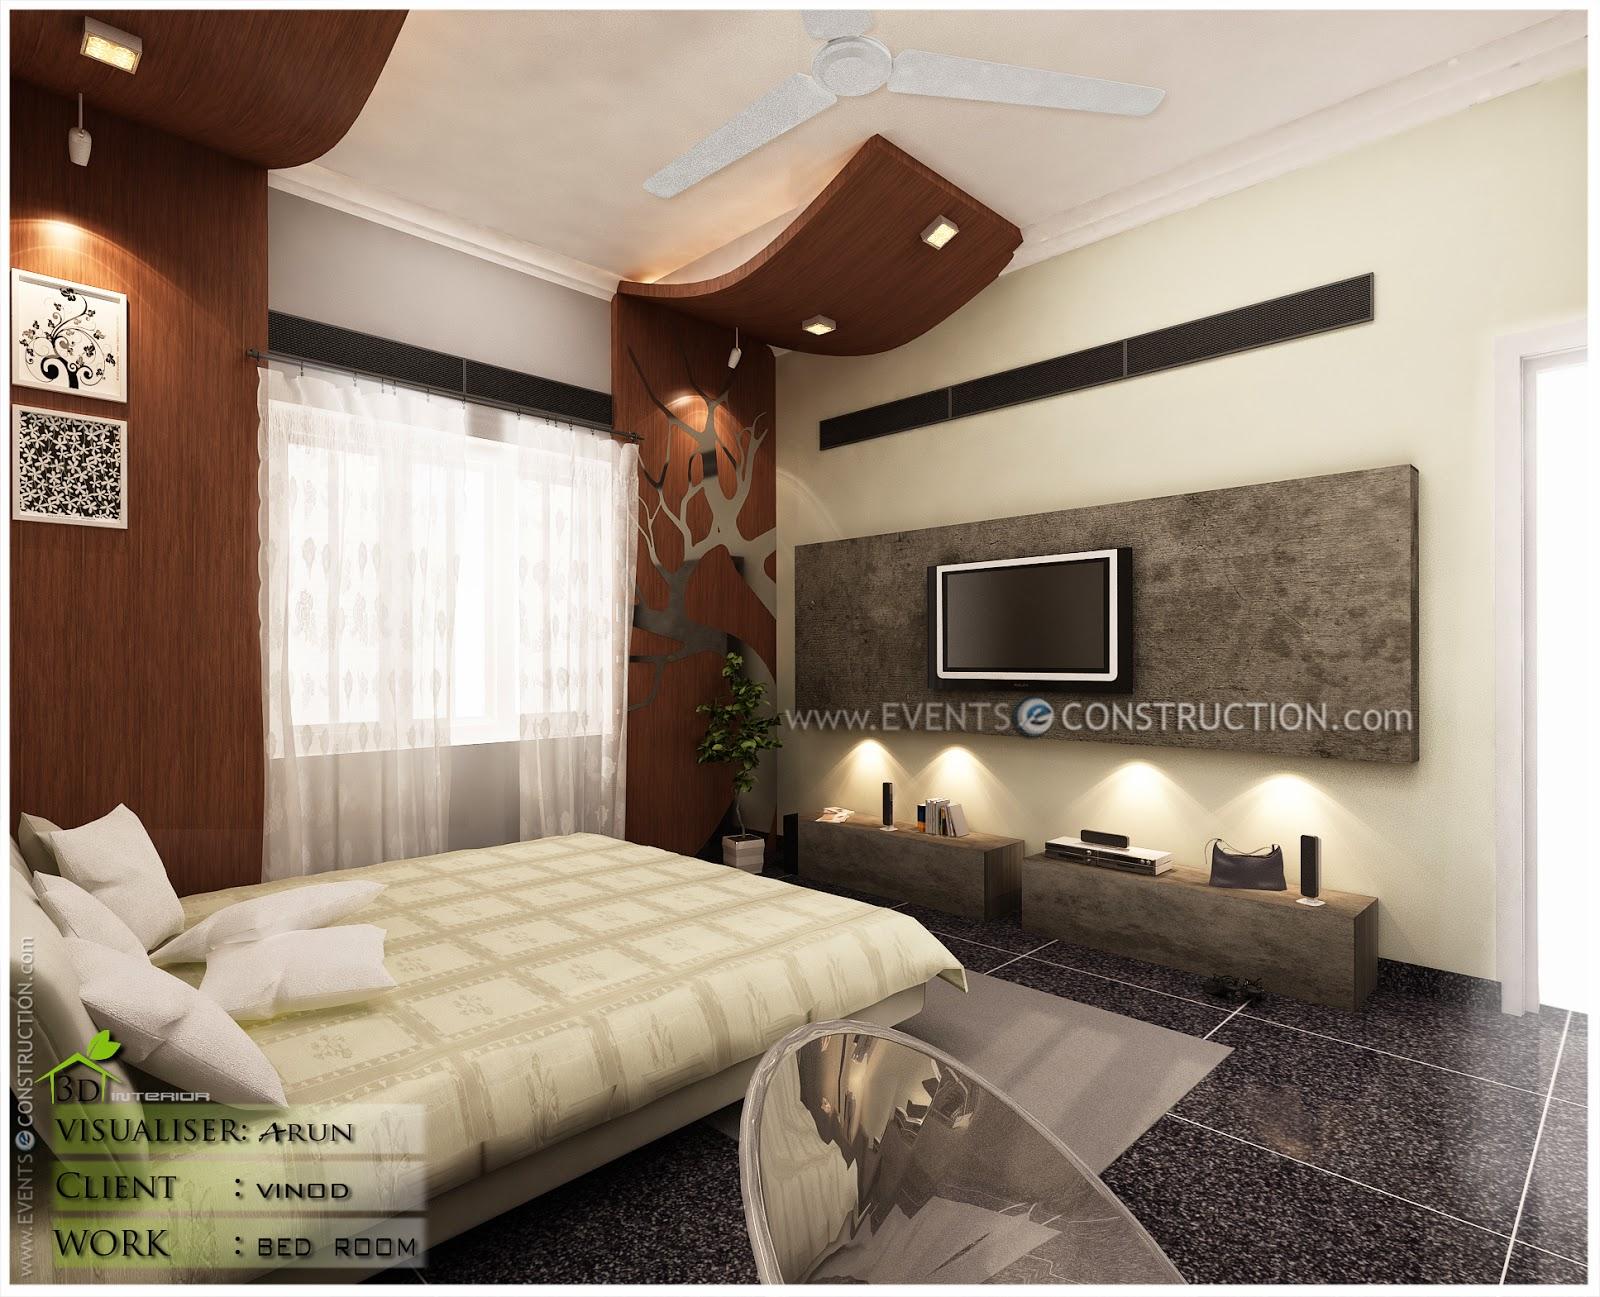 Evens construction pvt ltd kerala bedroom interior designs for Villa interior designers ltd nairobi kenya